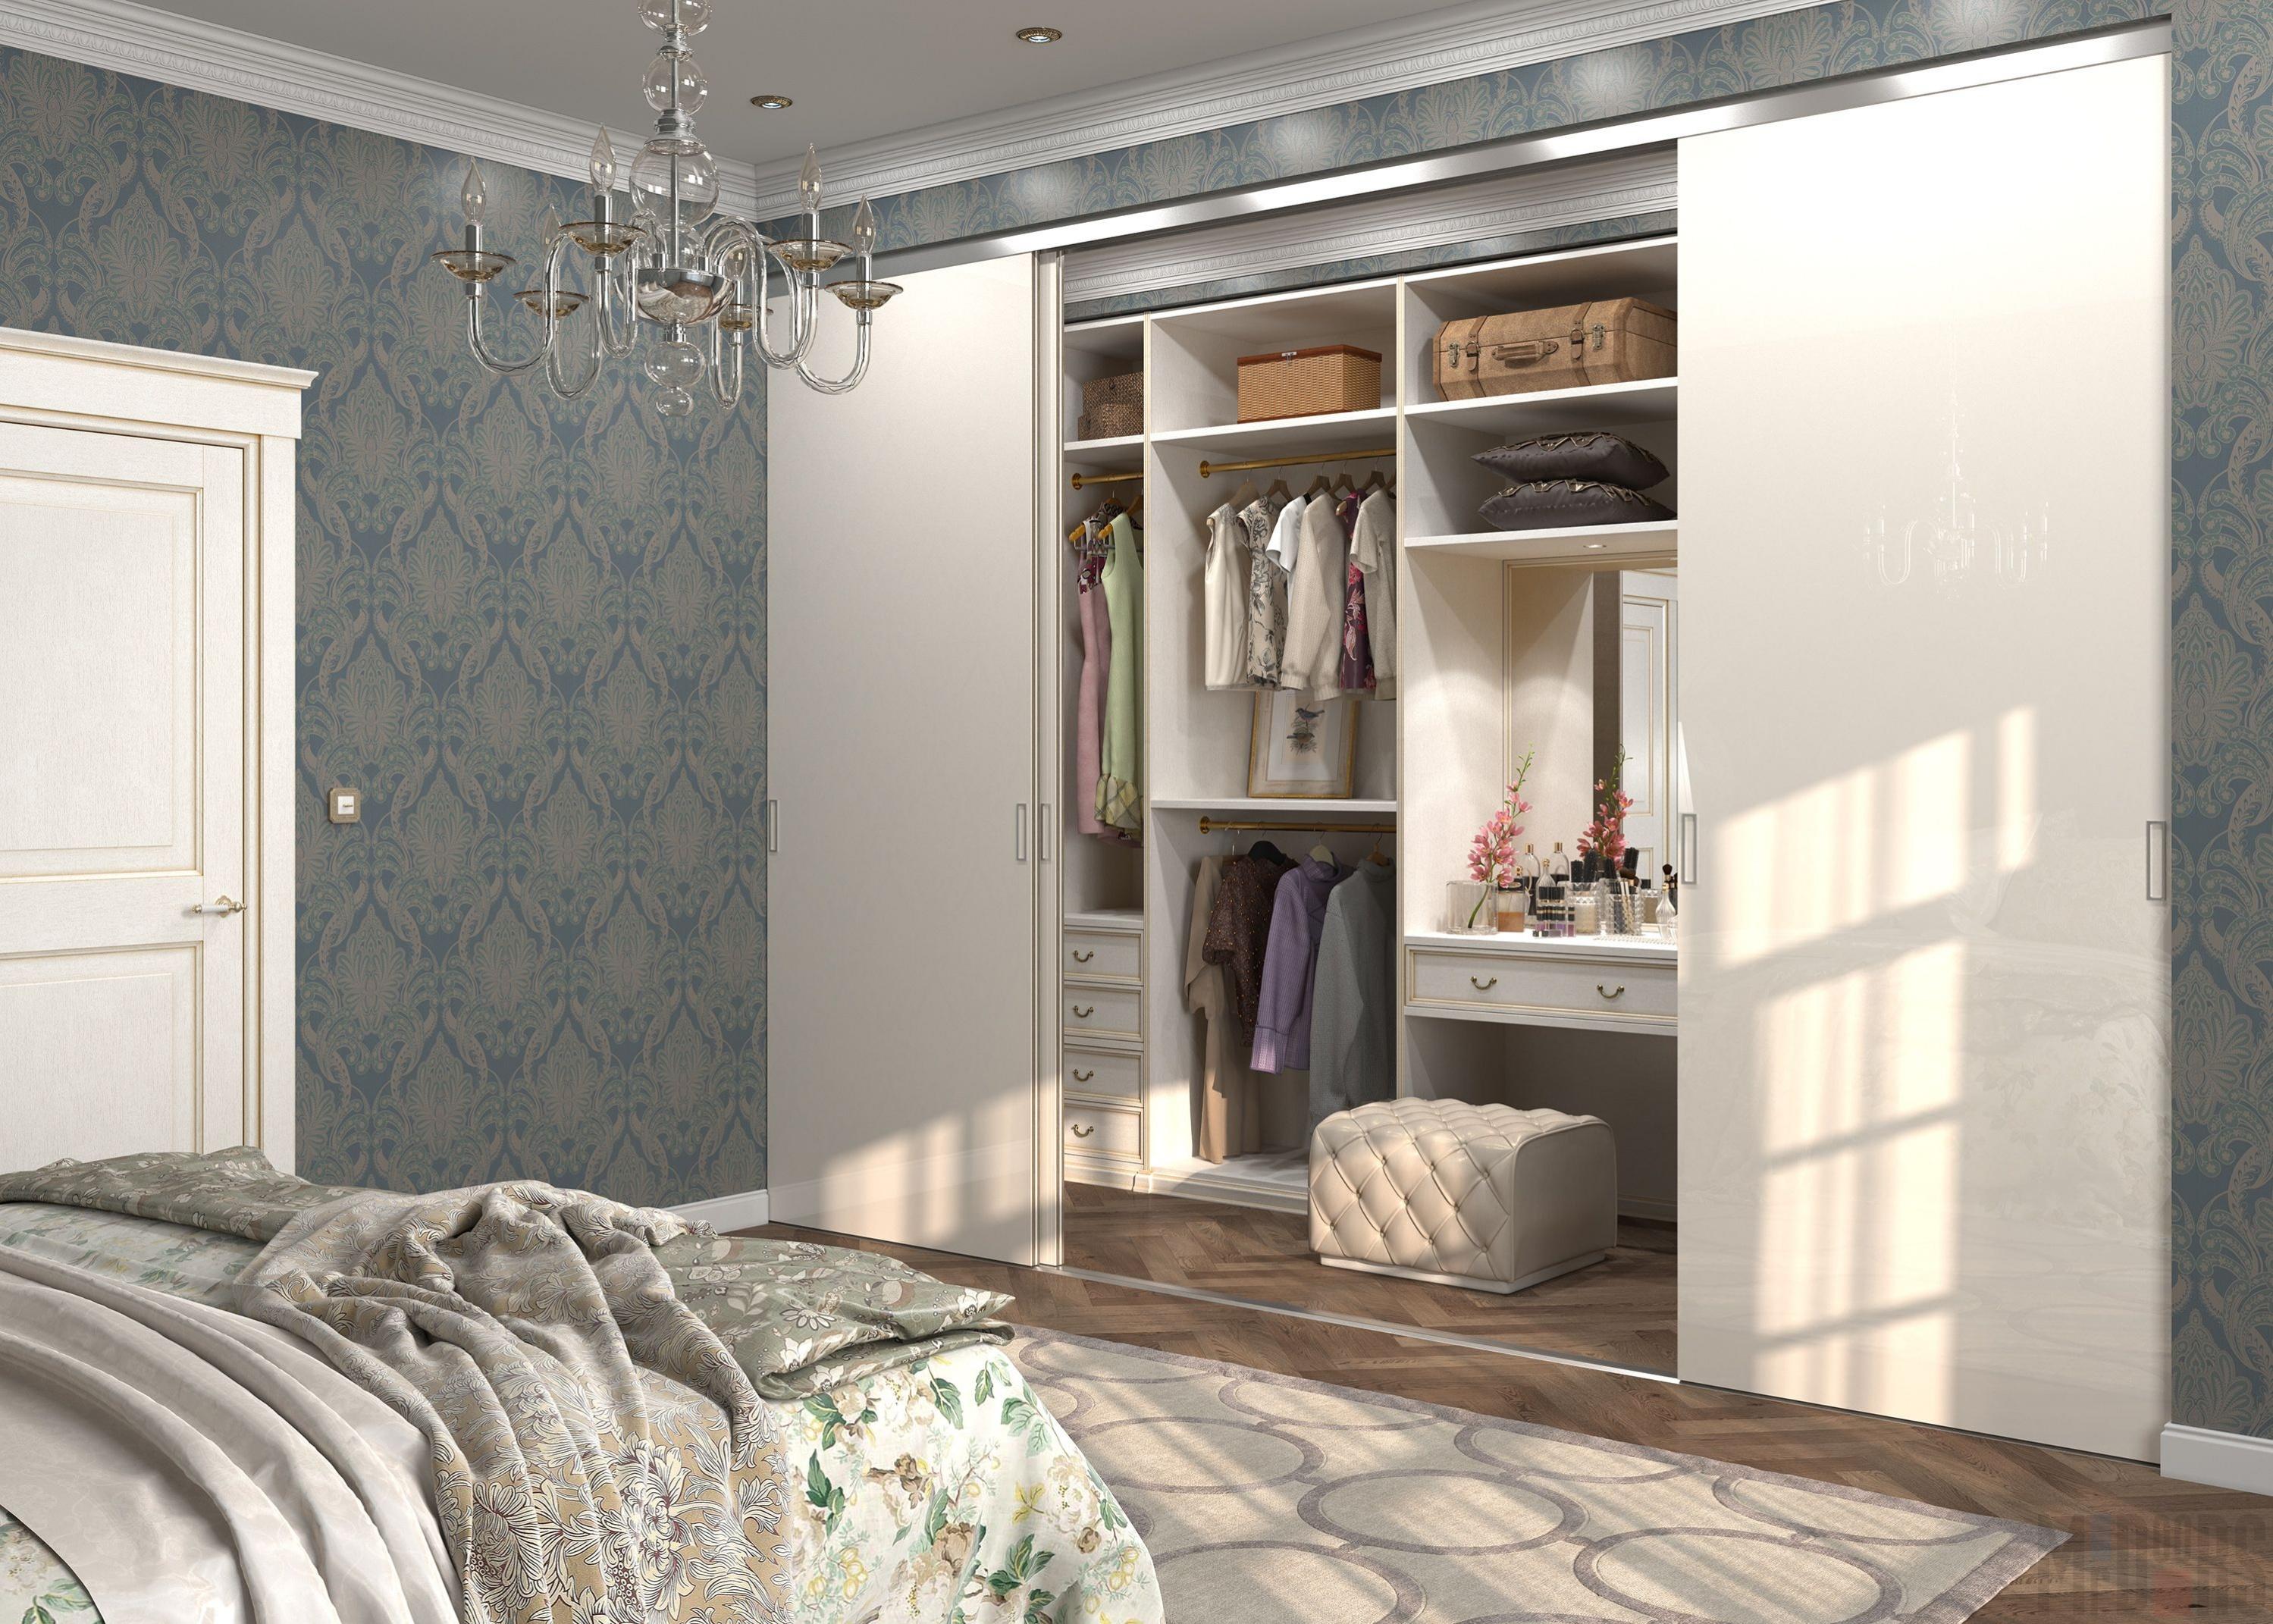 garderobnaya v spalne nebolshogo razmera - Гардеробная в квартире